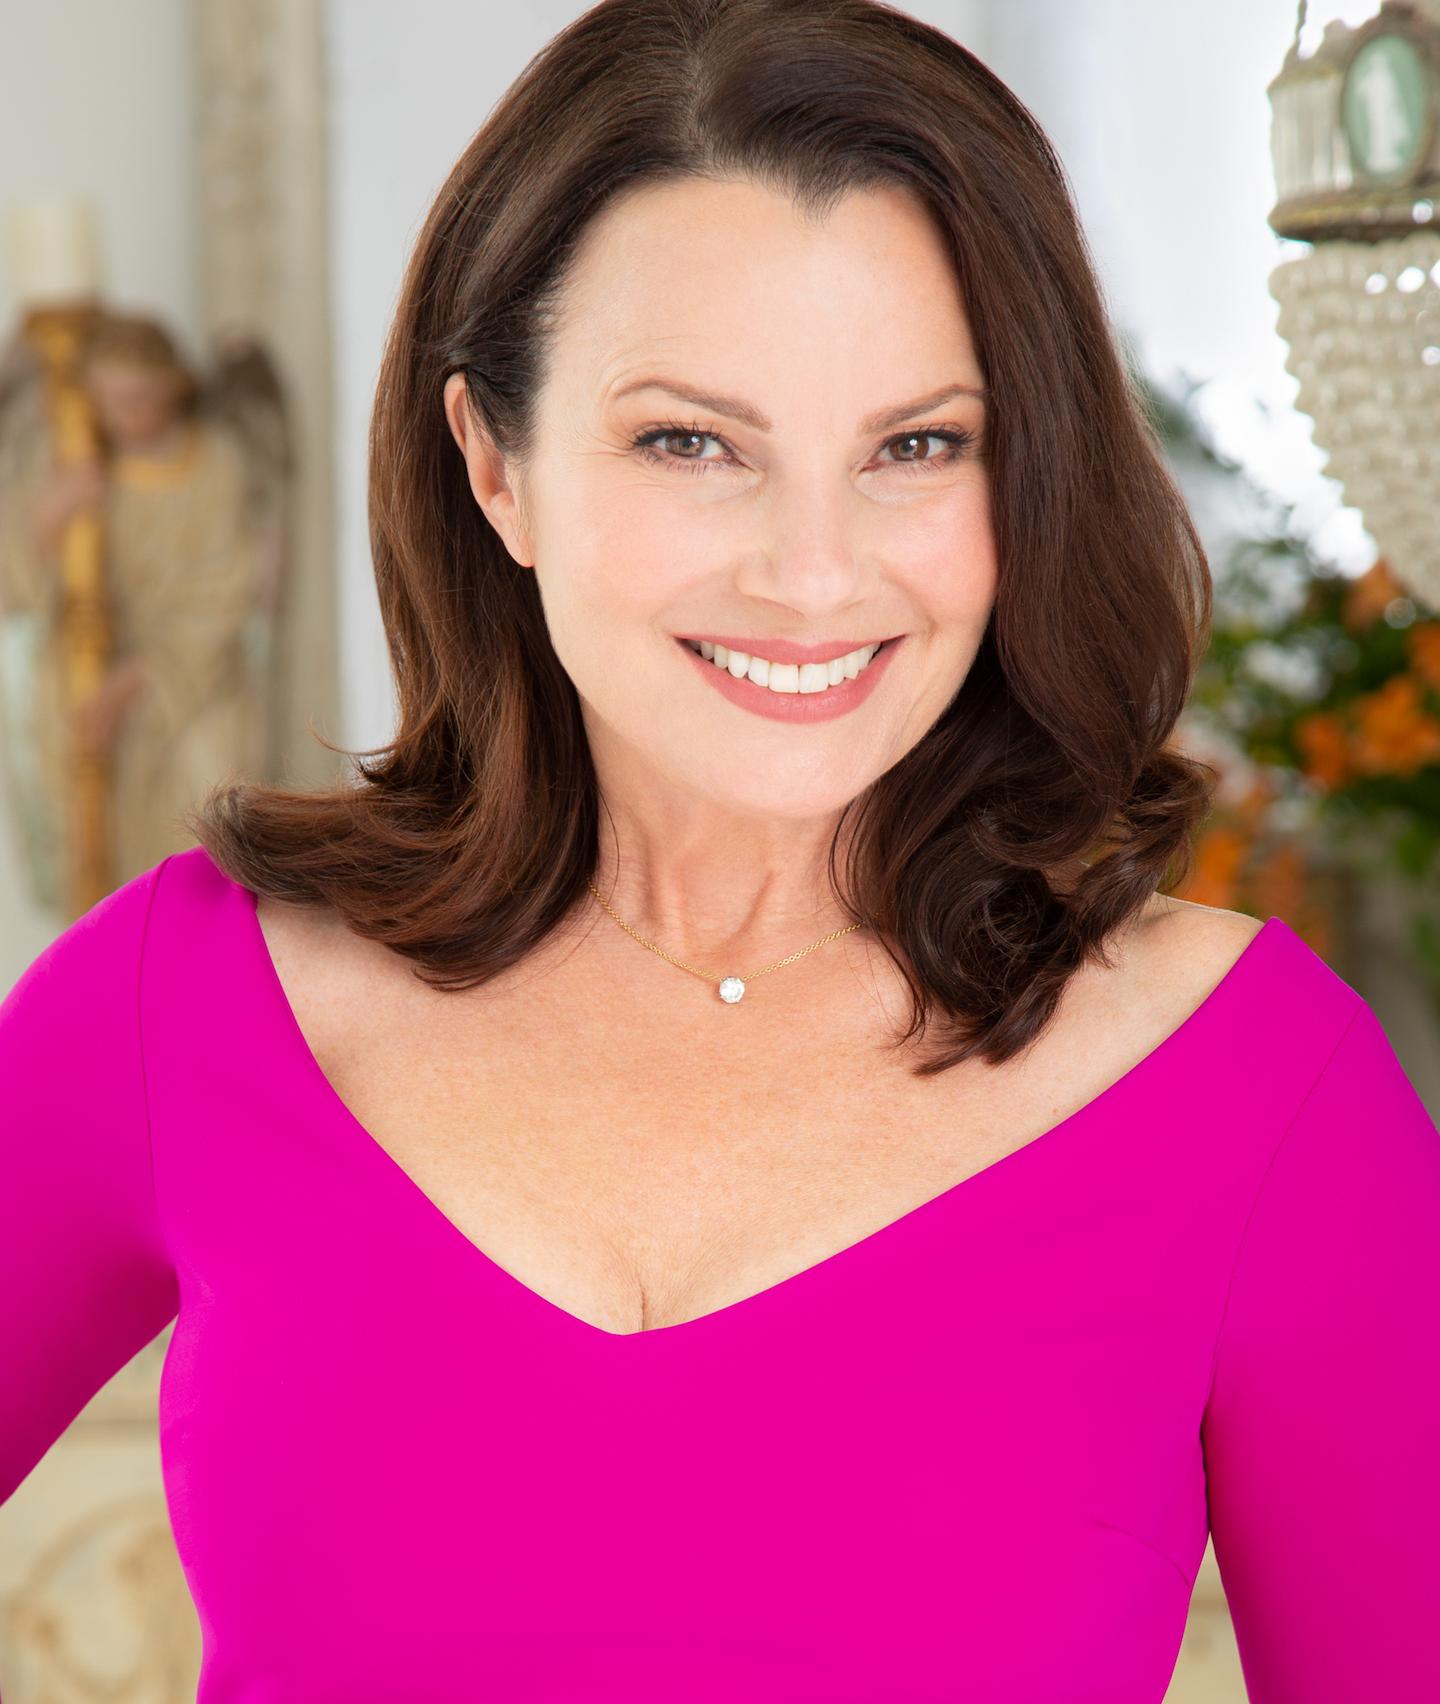 Fran Drescher - Candidate for President